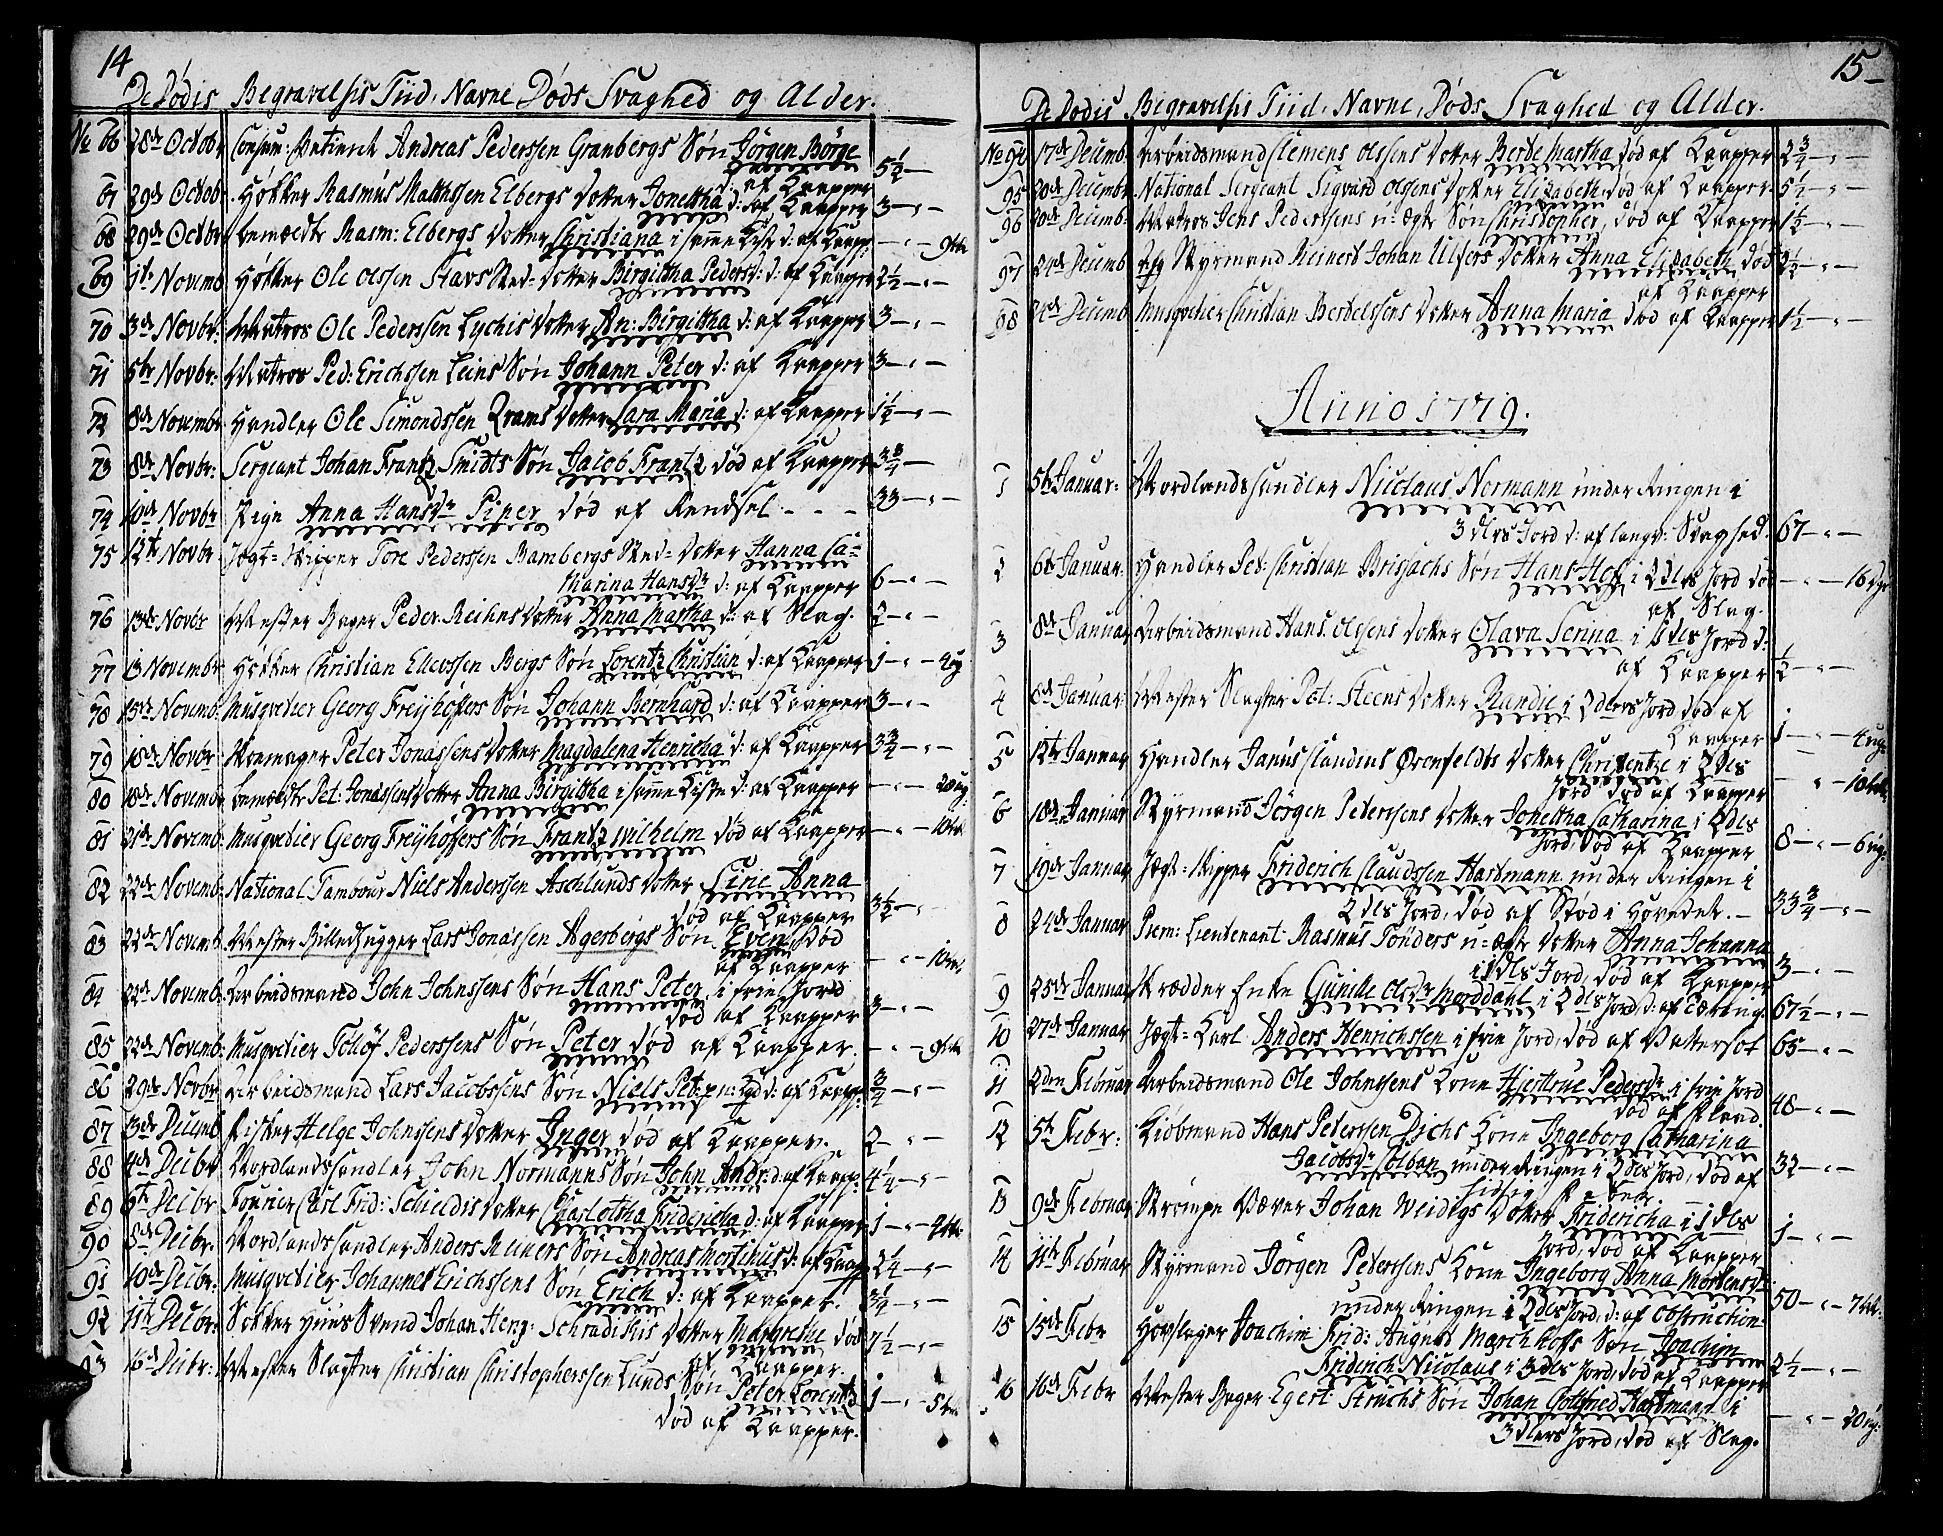 SAT, Ministerialprotokoller, klokkerbøker og fødselsregistre - Sør-Trøndelag, 602/L0106: Ministerialbok nr. 602A04, 1774-1814, s. 14-15